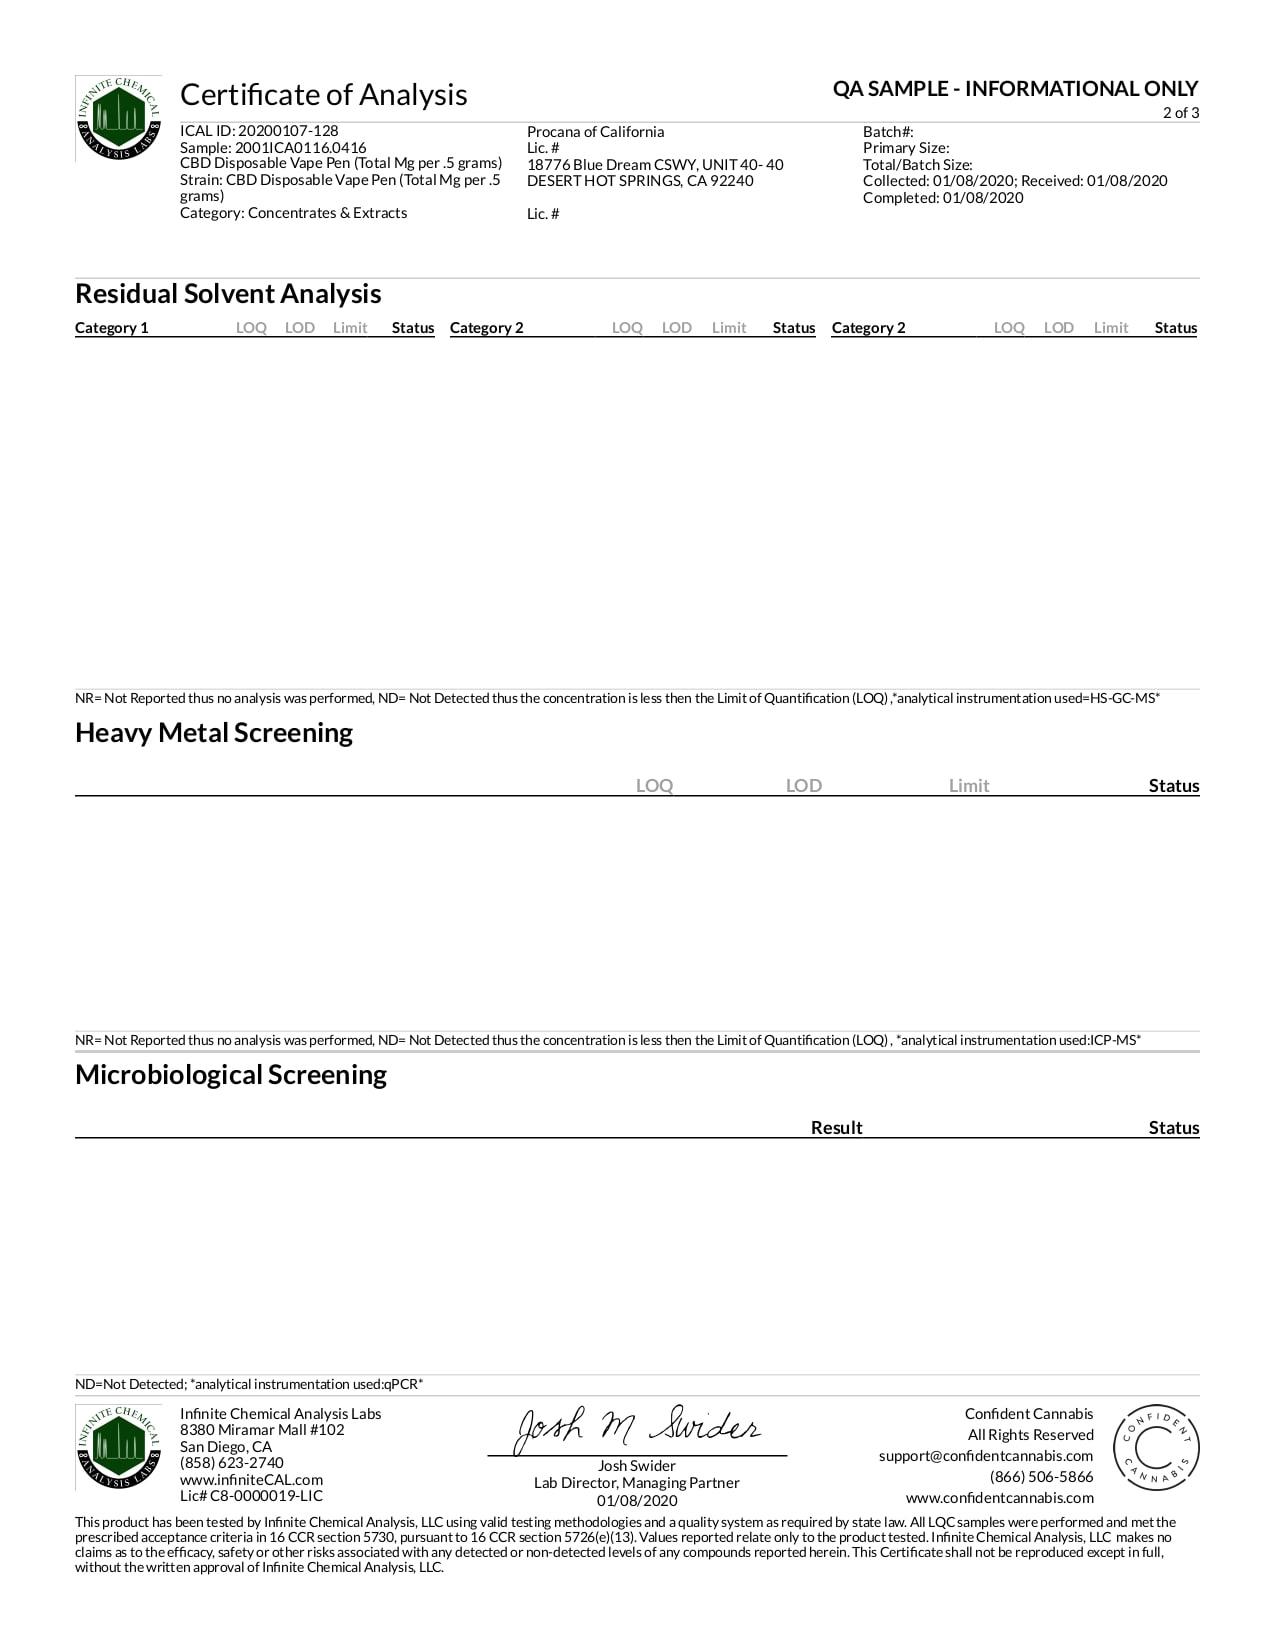 Procana CBD Disposable Vaporizer Lab Report Classic OG 200mg